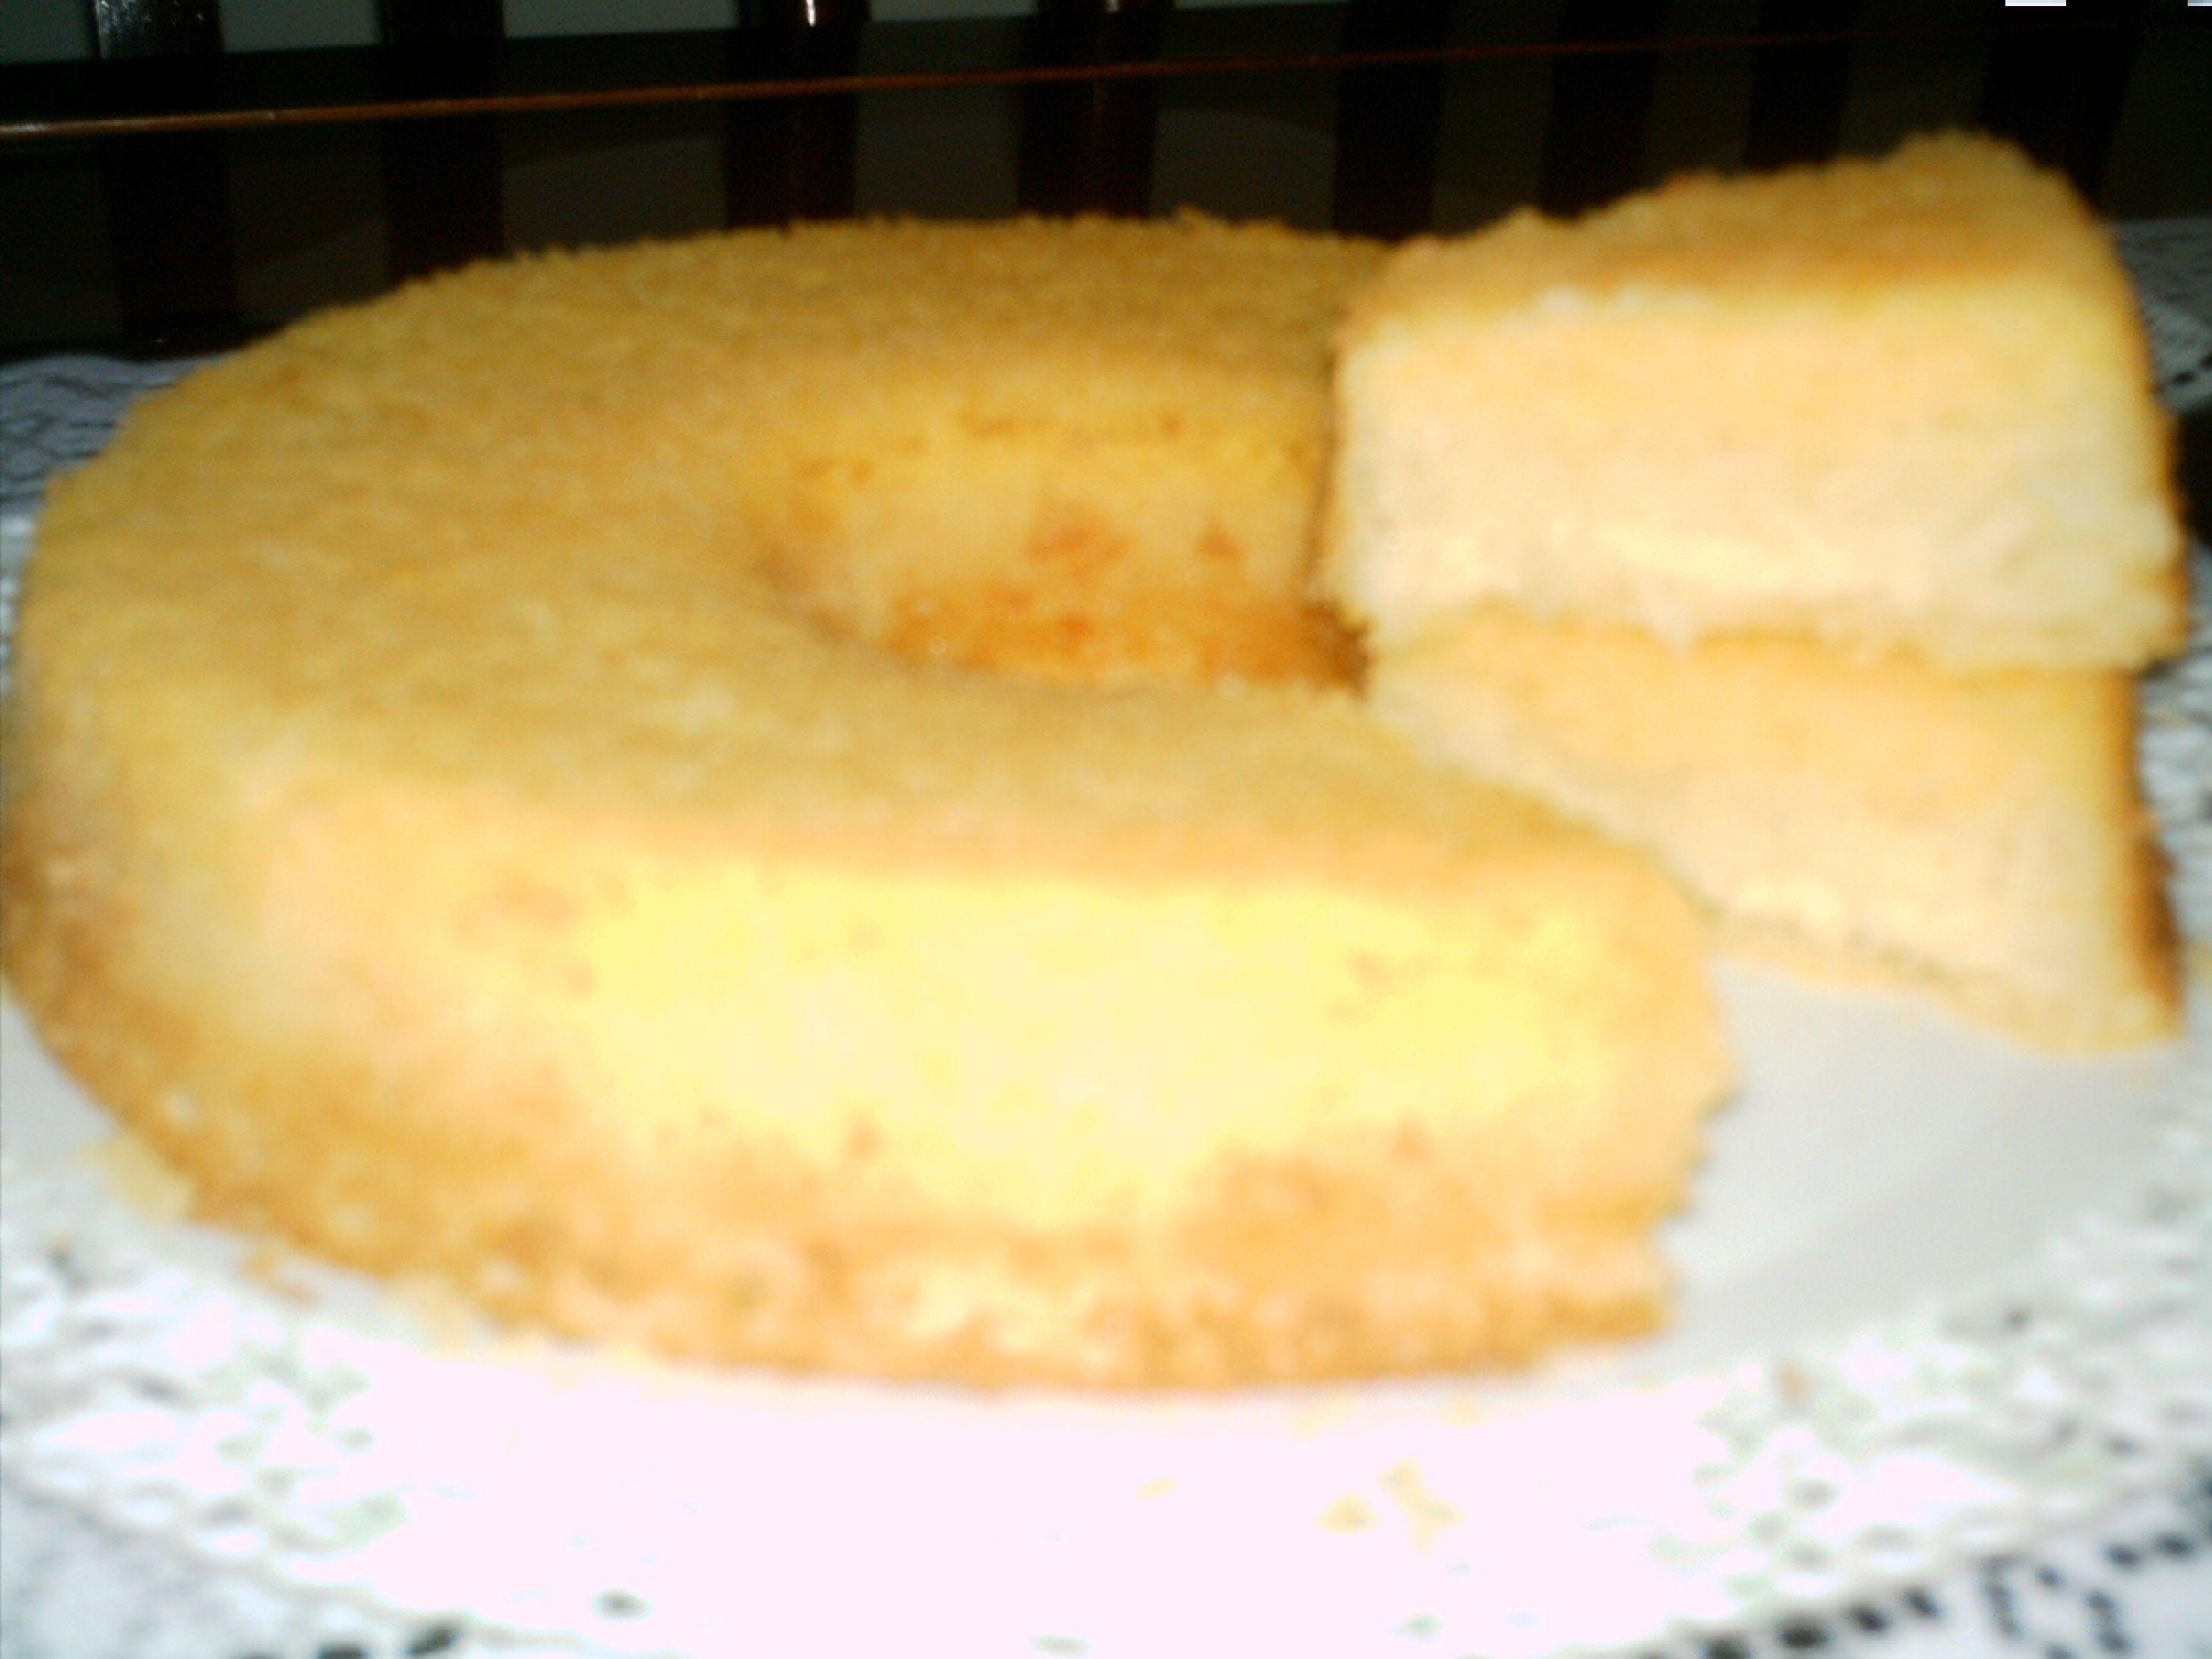 4 ovos  - 4 xícaras (chá) de leite  - 3 xícaras (chá) de açúcar  - 2 colheres (sopa) de margarina  - 1/2 xícara (chá) de maizena  - 2 colheres (sopa) de farinha de trigo  - 1 colher de fermento em pó  - 1 xícara (chá) de fubá  - 1/2 xícara (chá) de coco ralado  - 1/2 xícara (chá) de queijo ralado  -